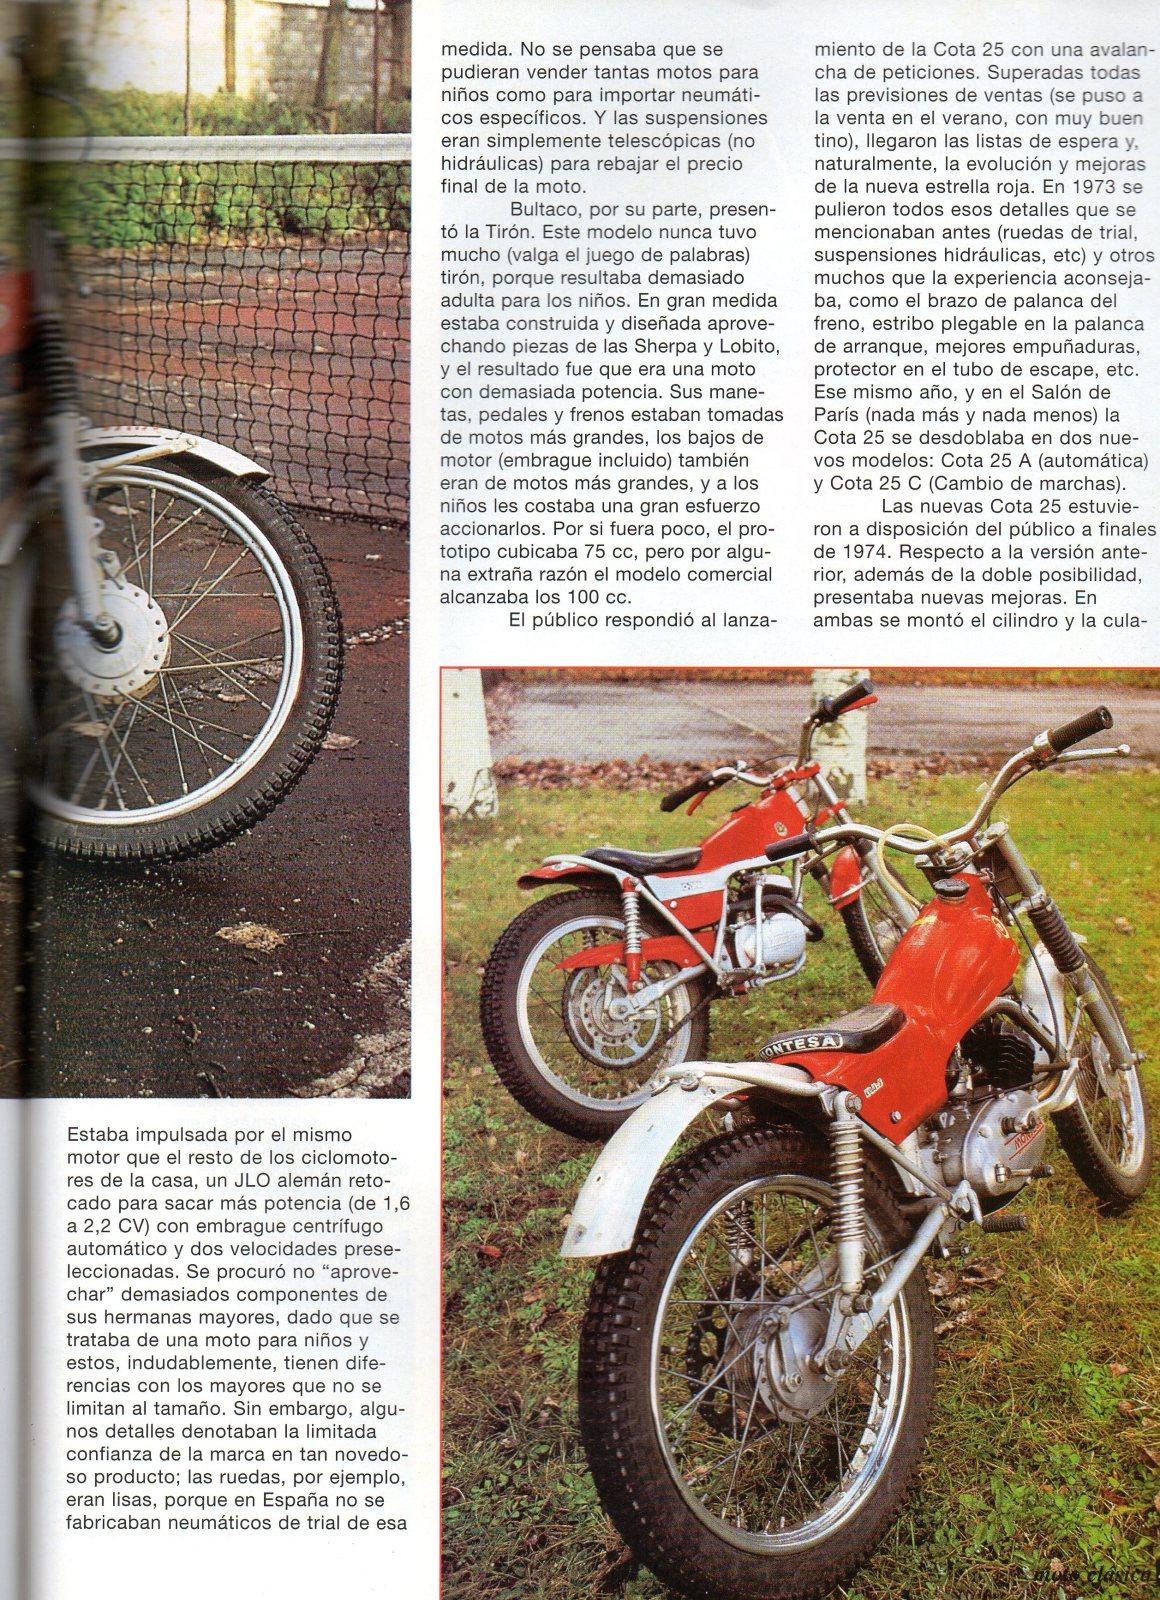 Comparativa Cota 25 con Bultaco chispa 2irxm51